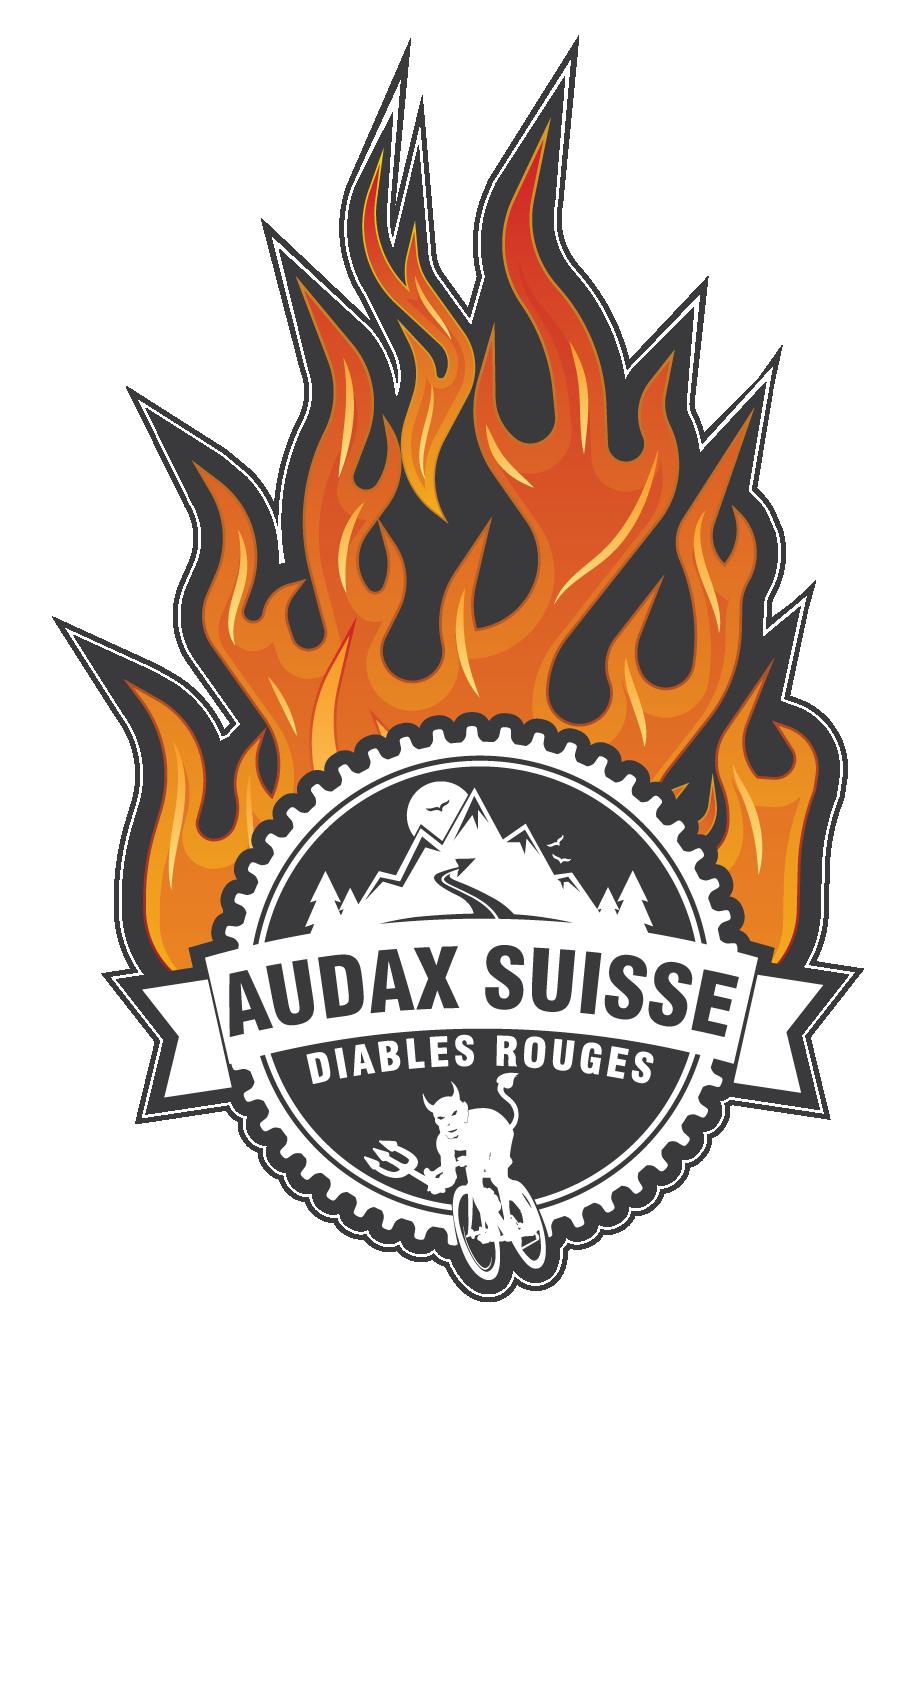 AUDAX Suisse | AUDAX ist lateinisch und heisst auf deutsch TOLLKÜHN oder auf englisch DAREDEVIL - HELL YEAH!